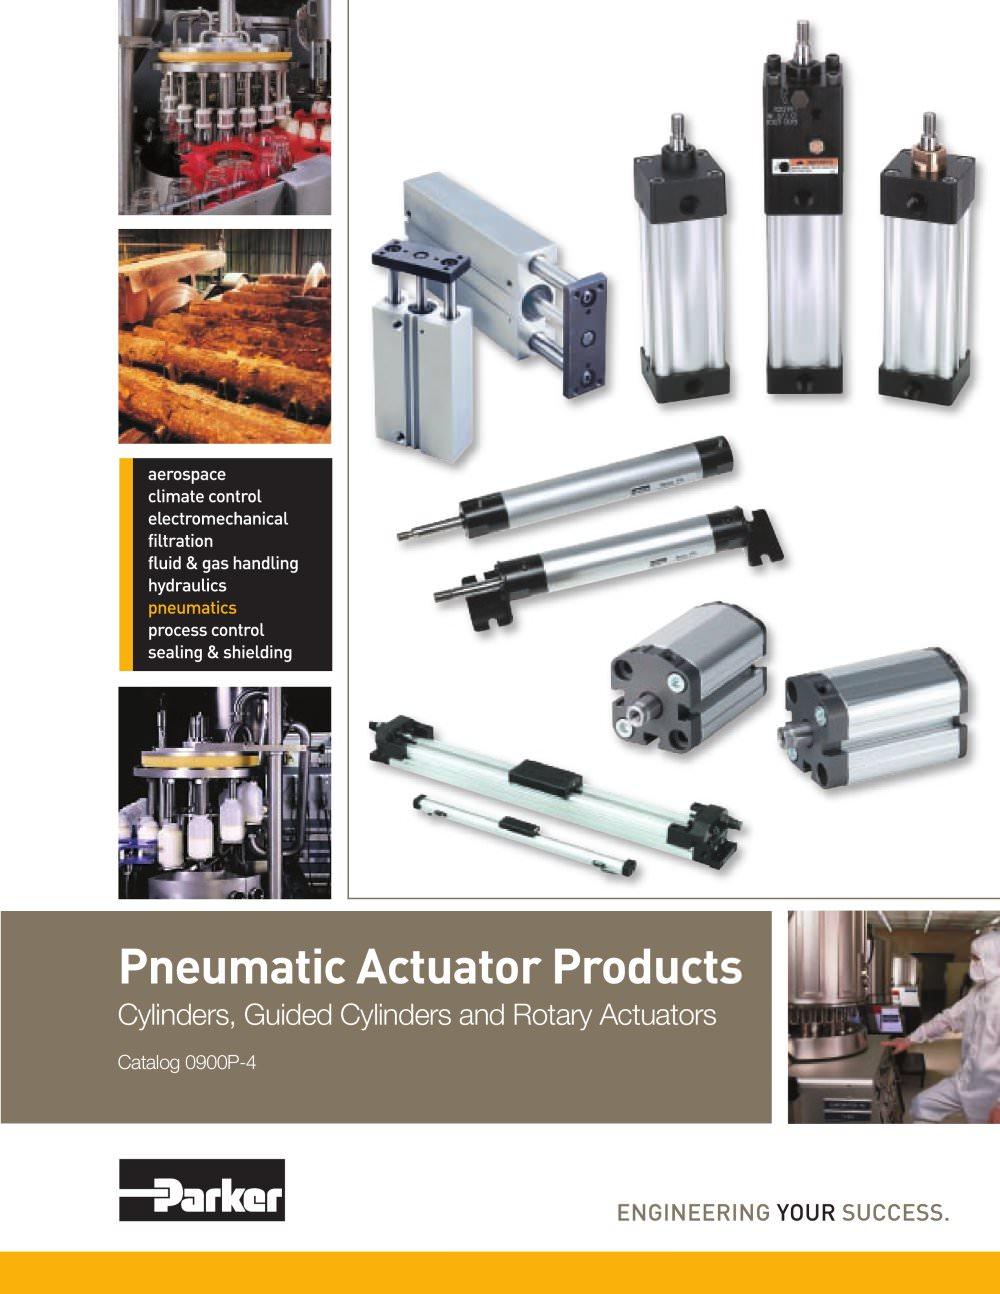 Parker pneumatique pdf